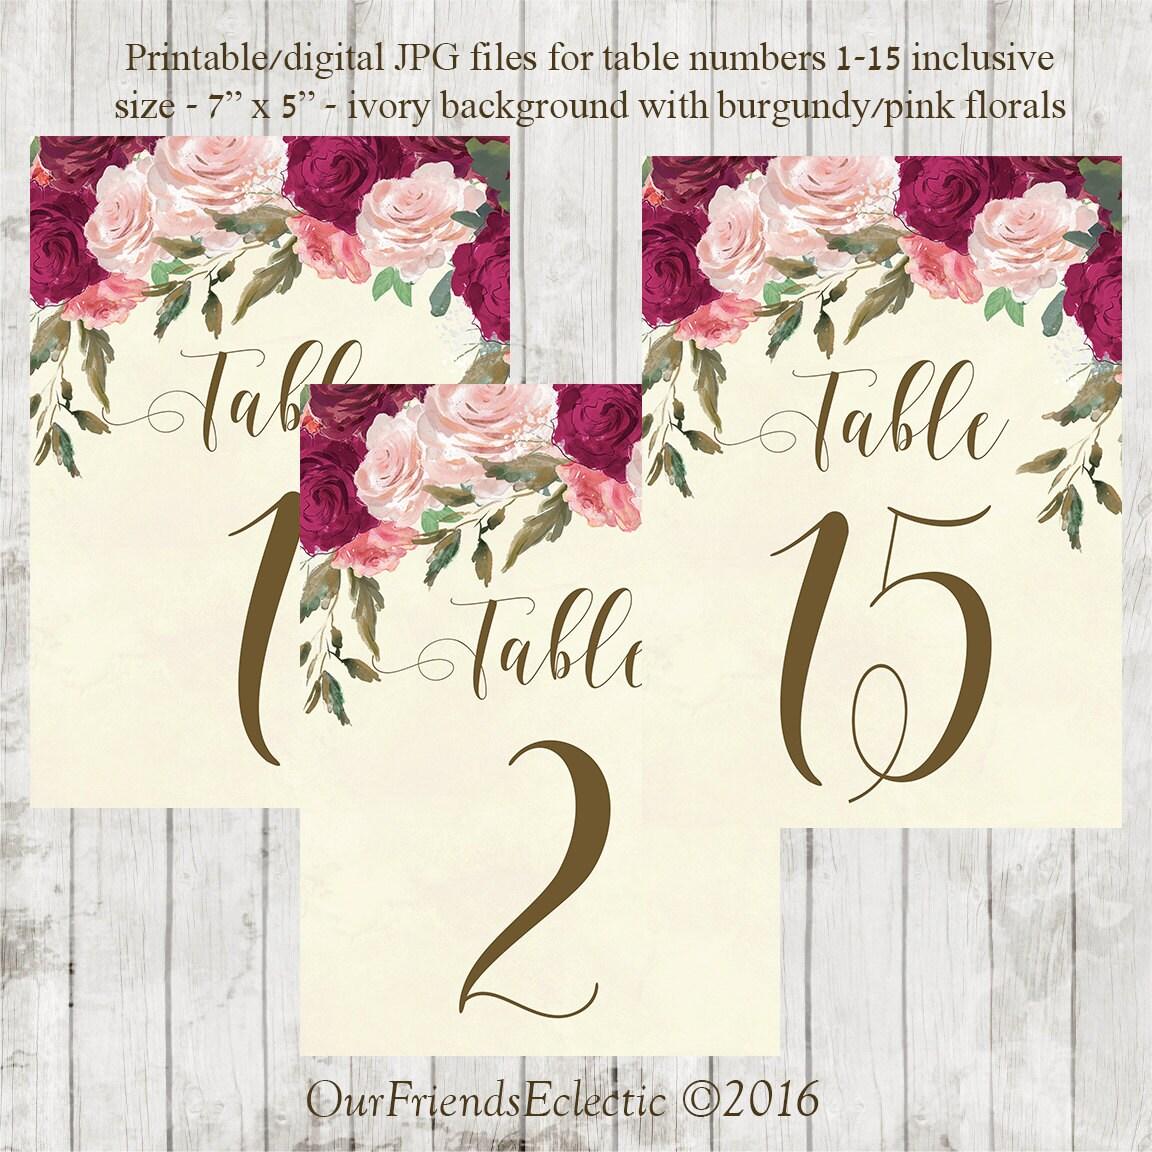 Druckbare Tischnummern druckbare Hochzeit Tisch Zahlen 1-15 | Etsy